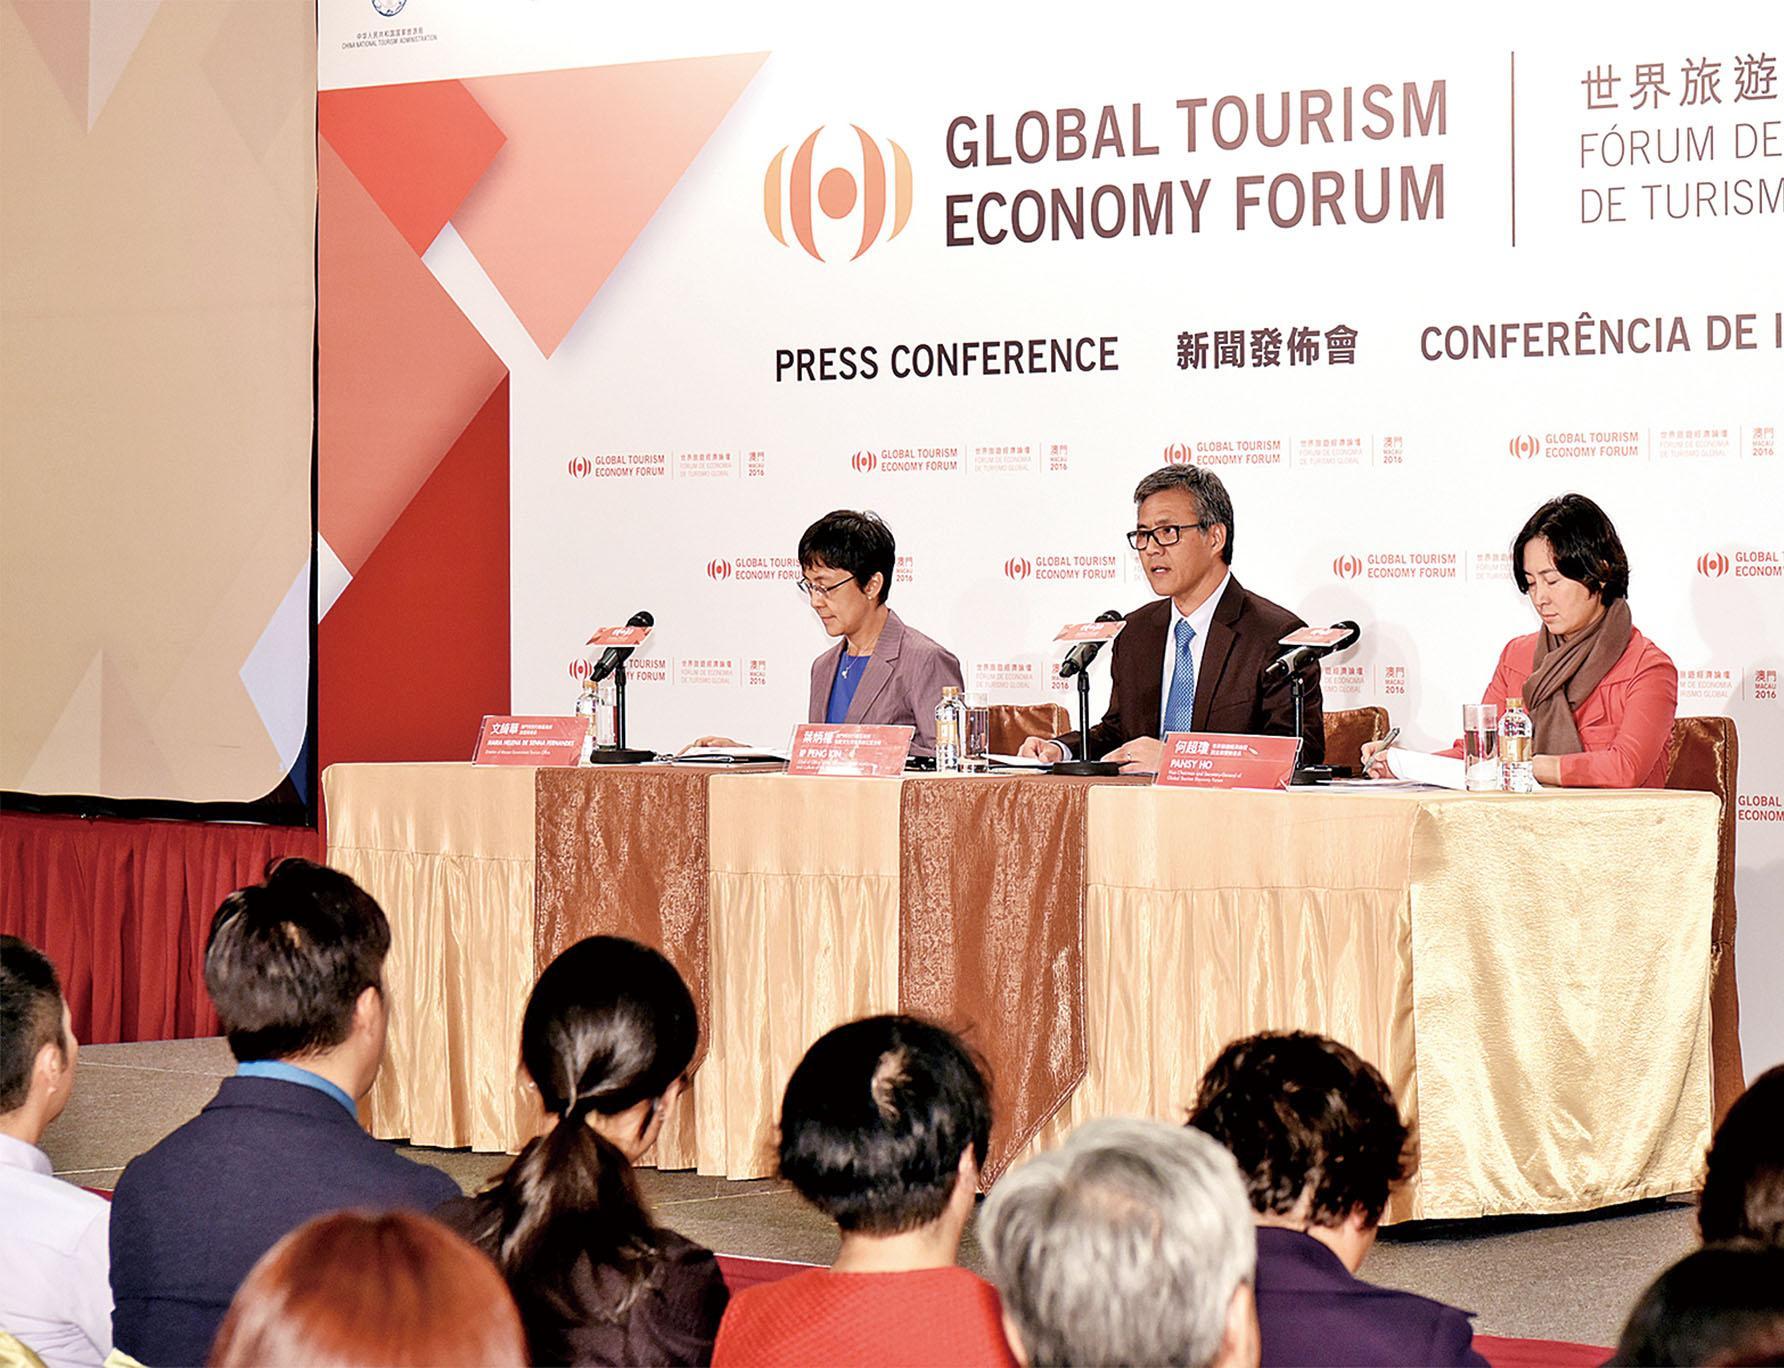 冀提升本澳旅遊產業競爭力